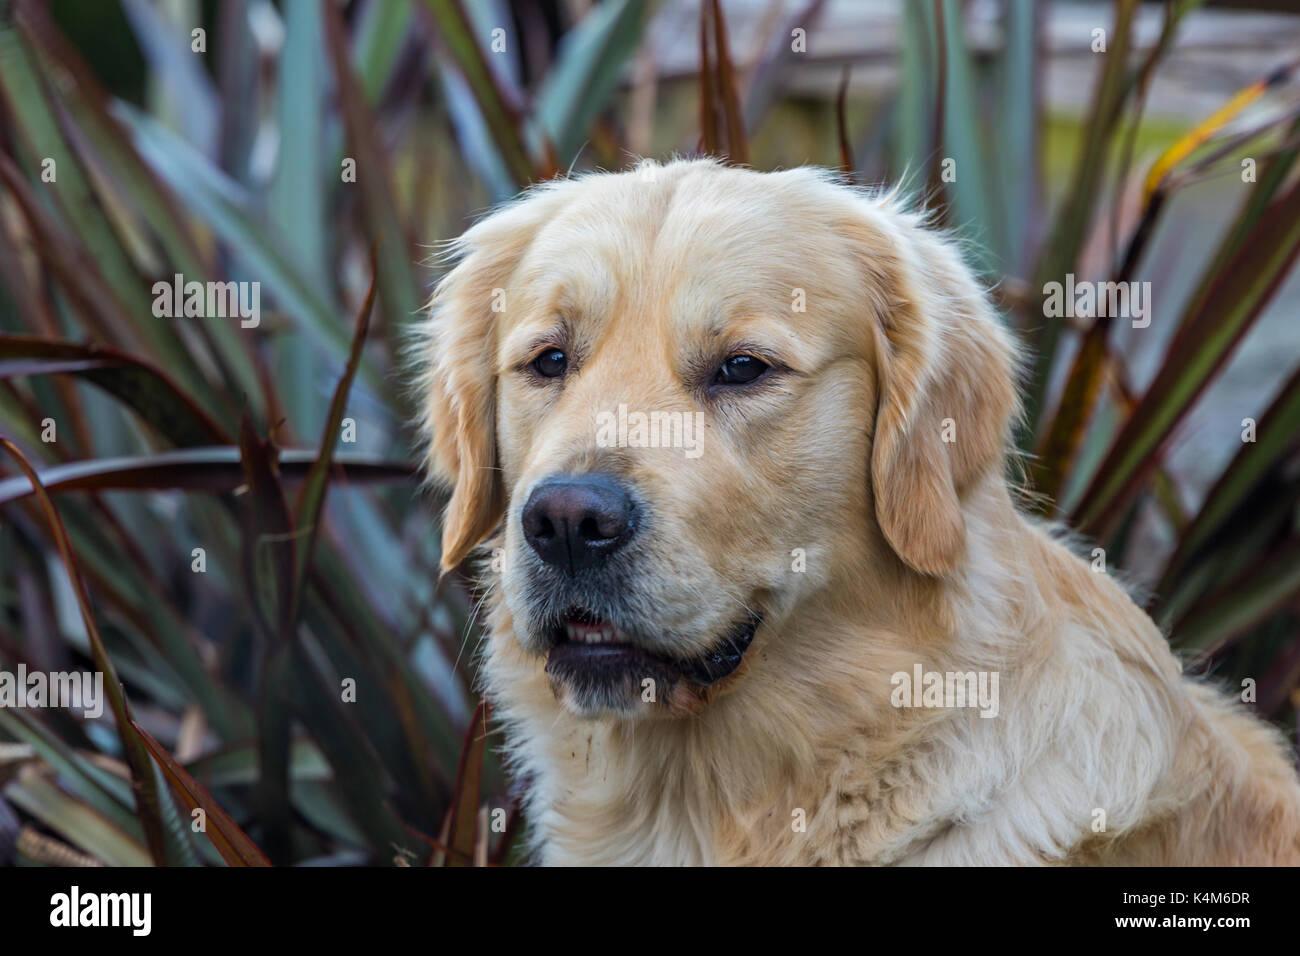 Portraits de chiens golden retriever pure race Photo Stock